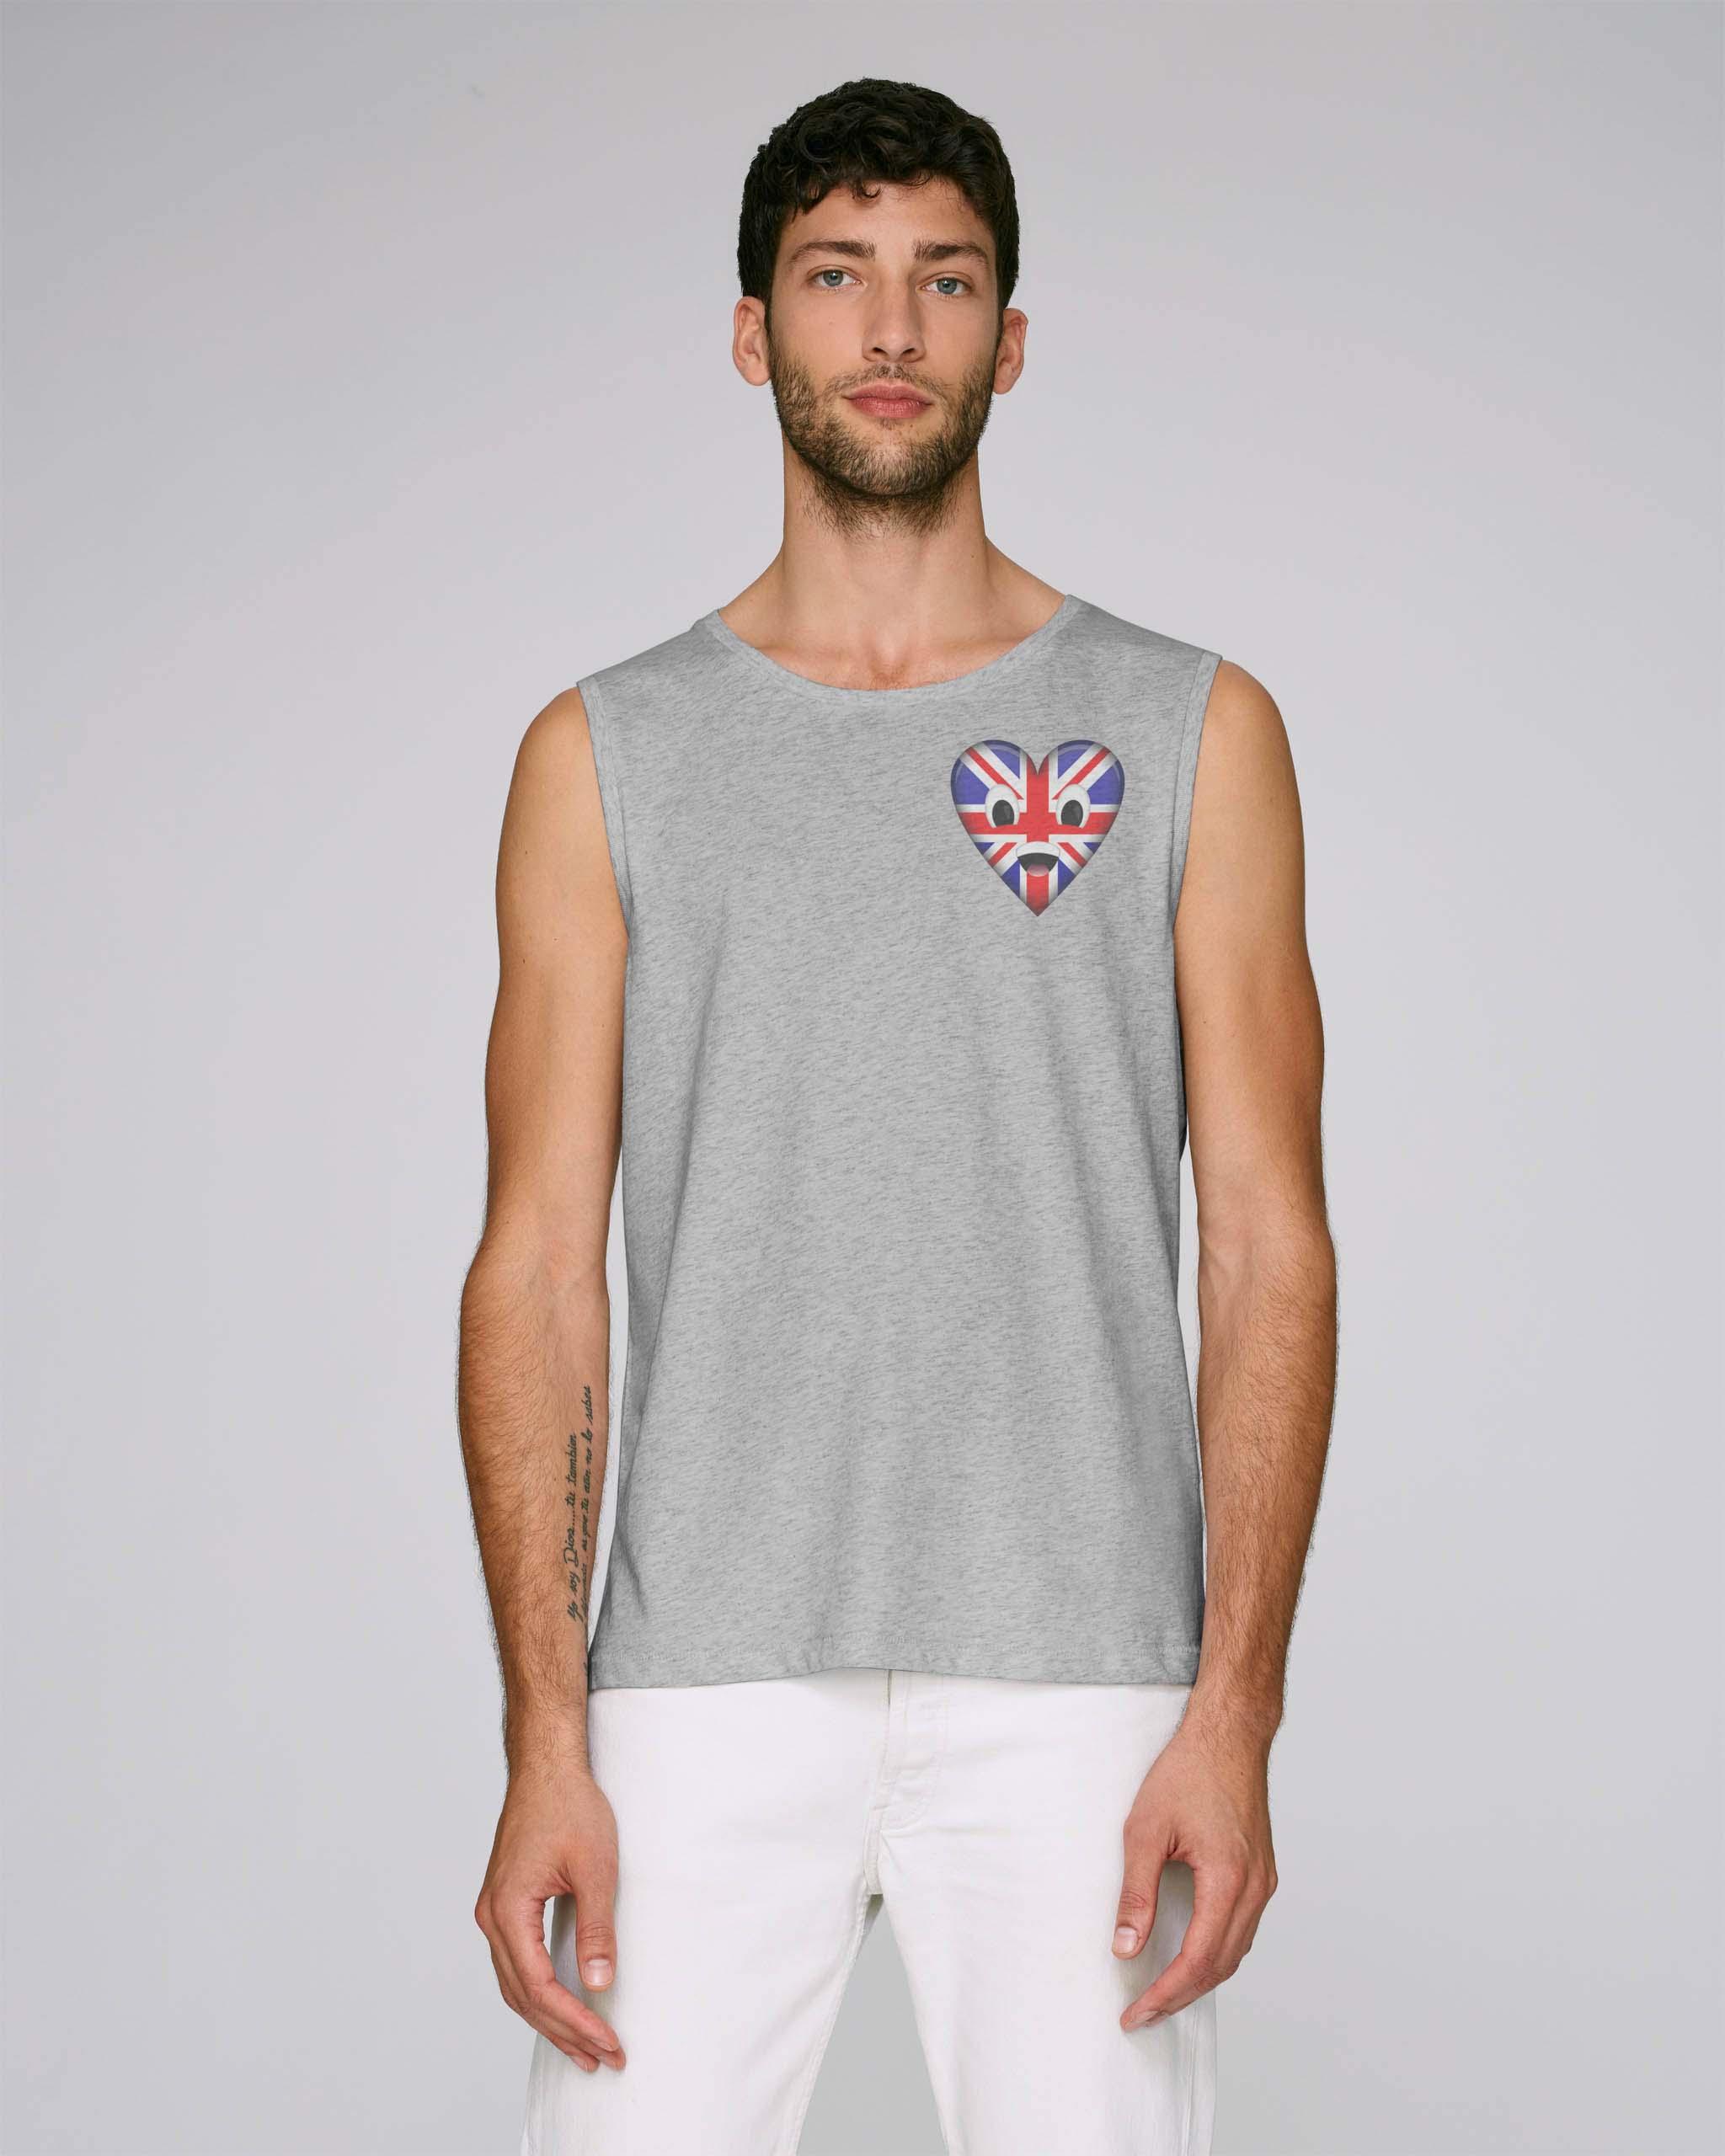 T-shirt bio gris chiné manche courte homme - uk tee